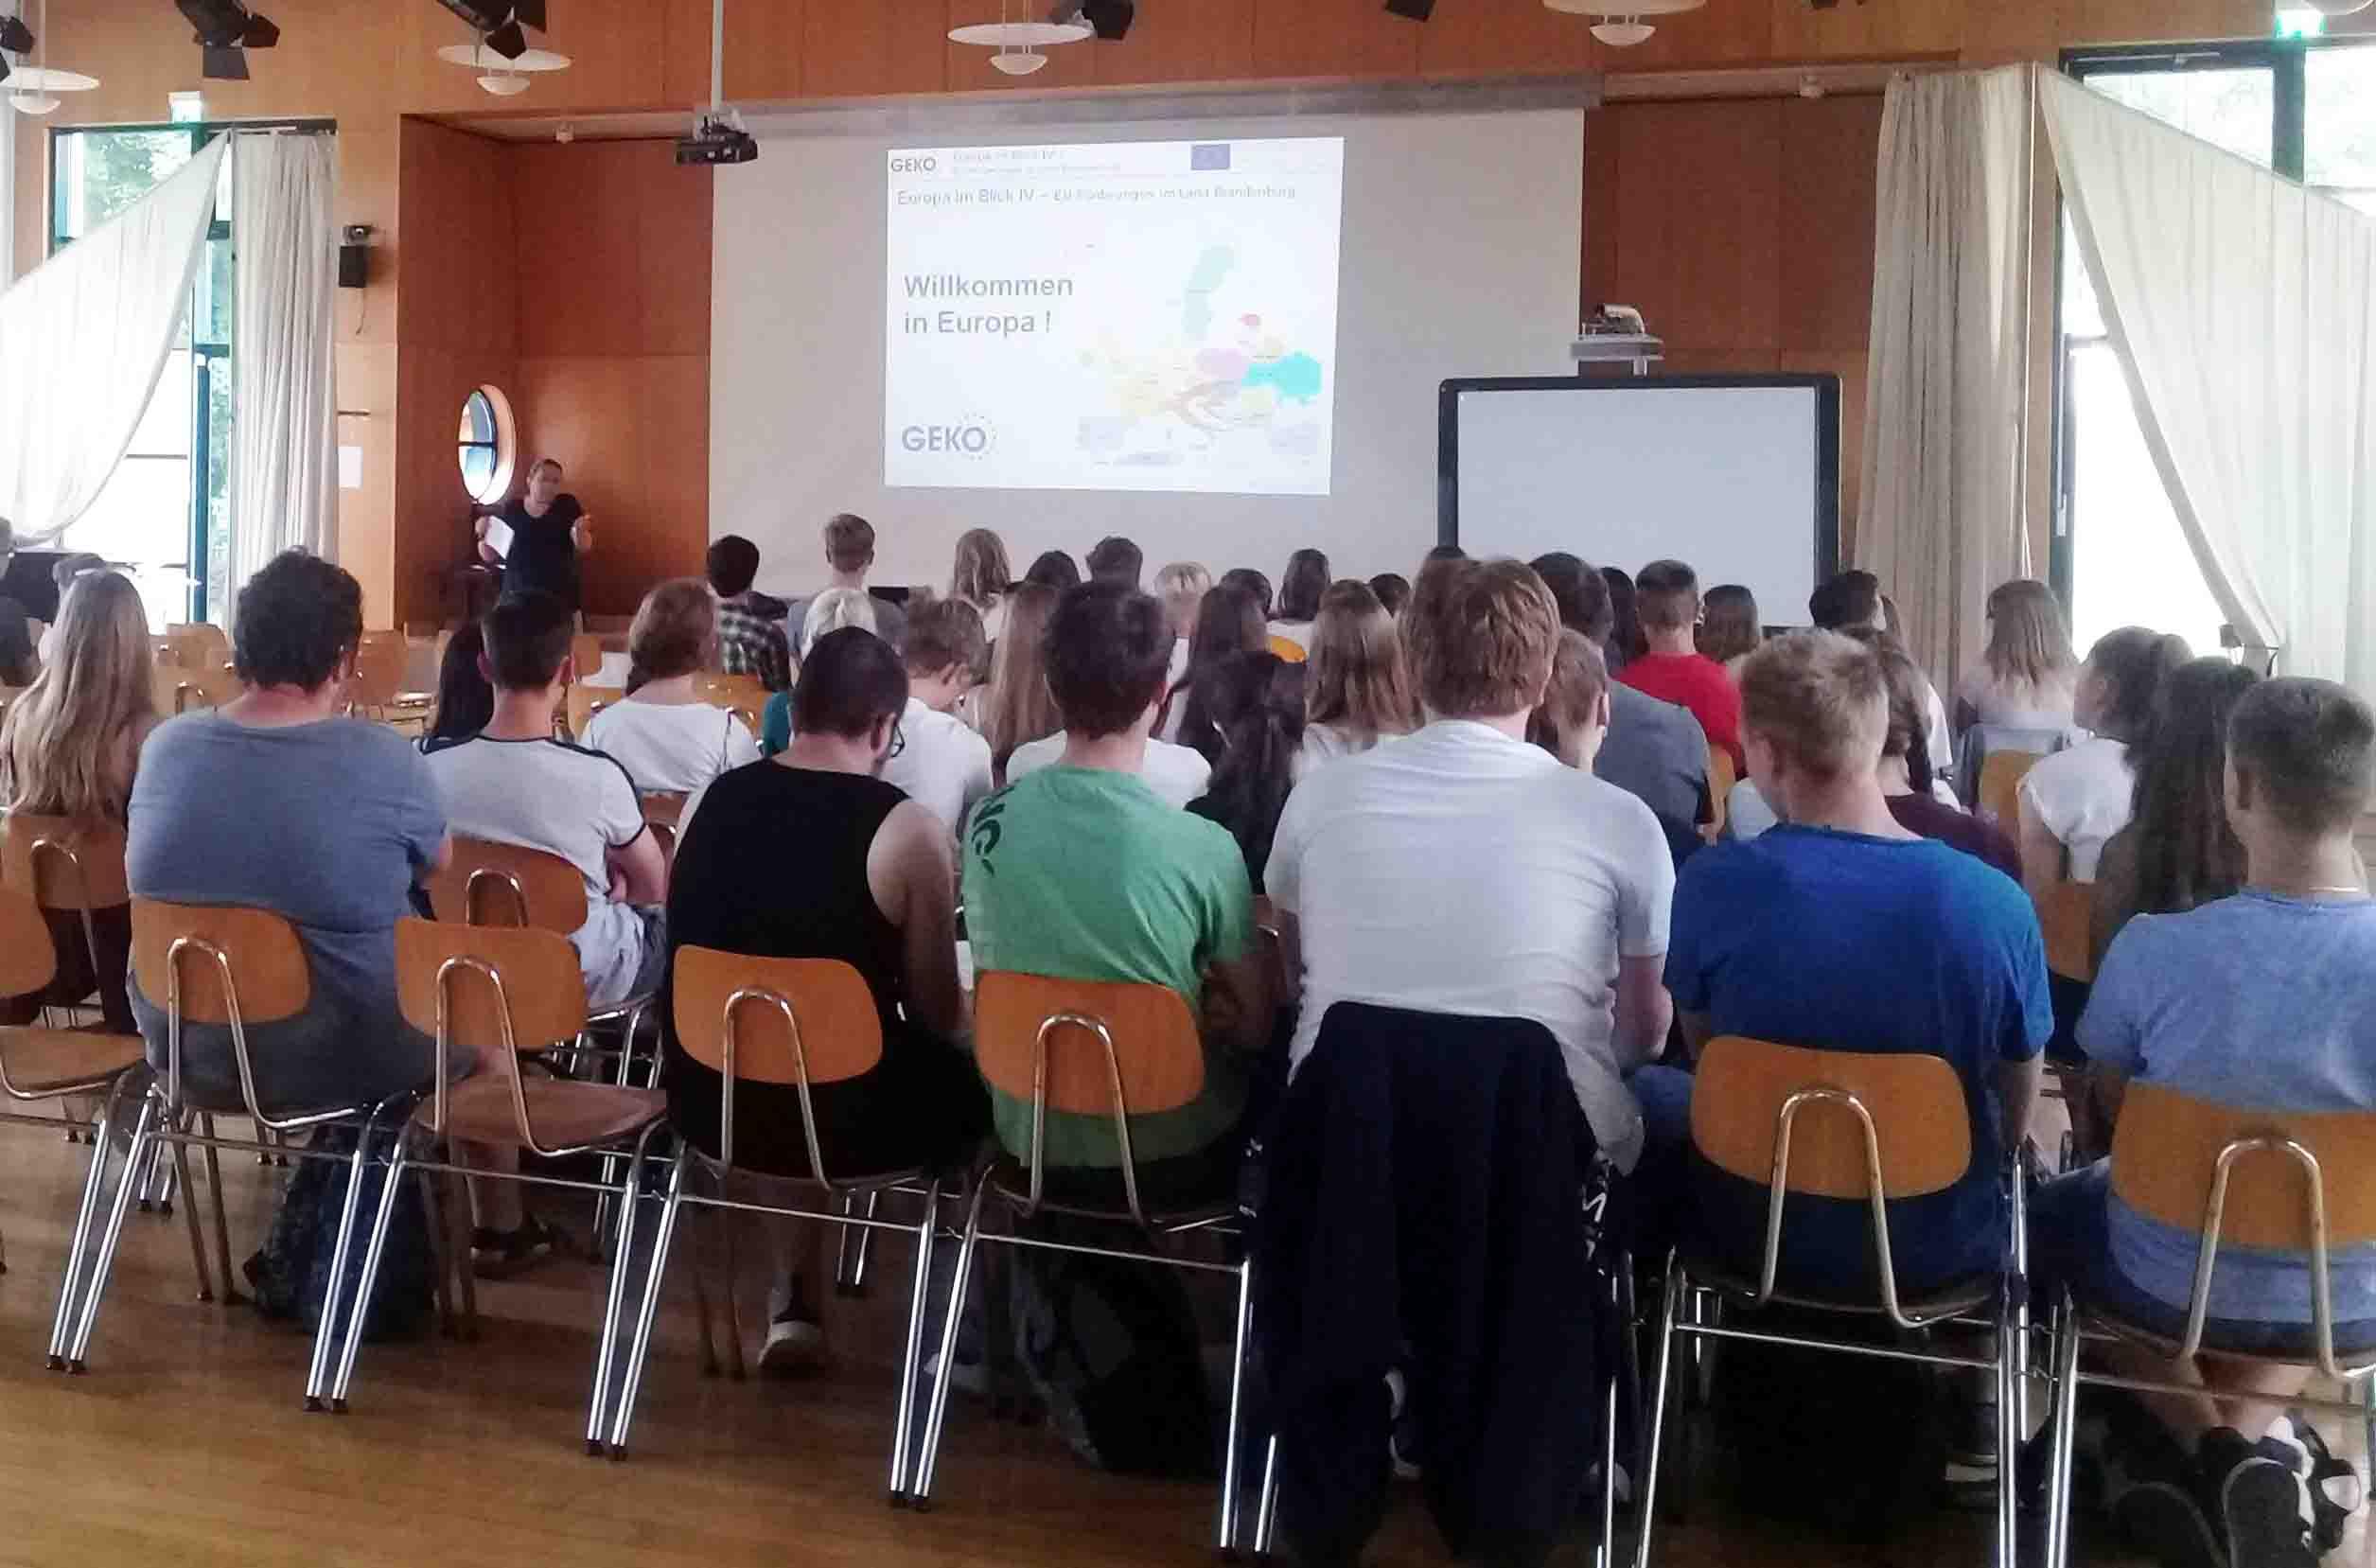 Projekttag im Alexander-von-Humboldt-Gymnasium in Eberswalde. 2019